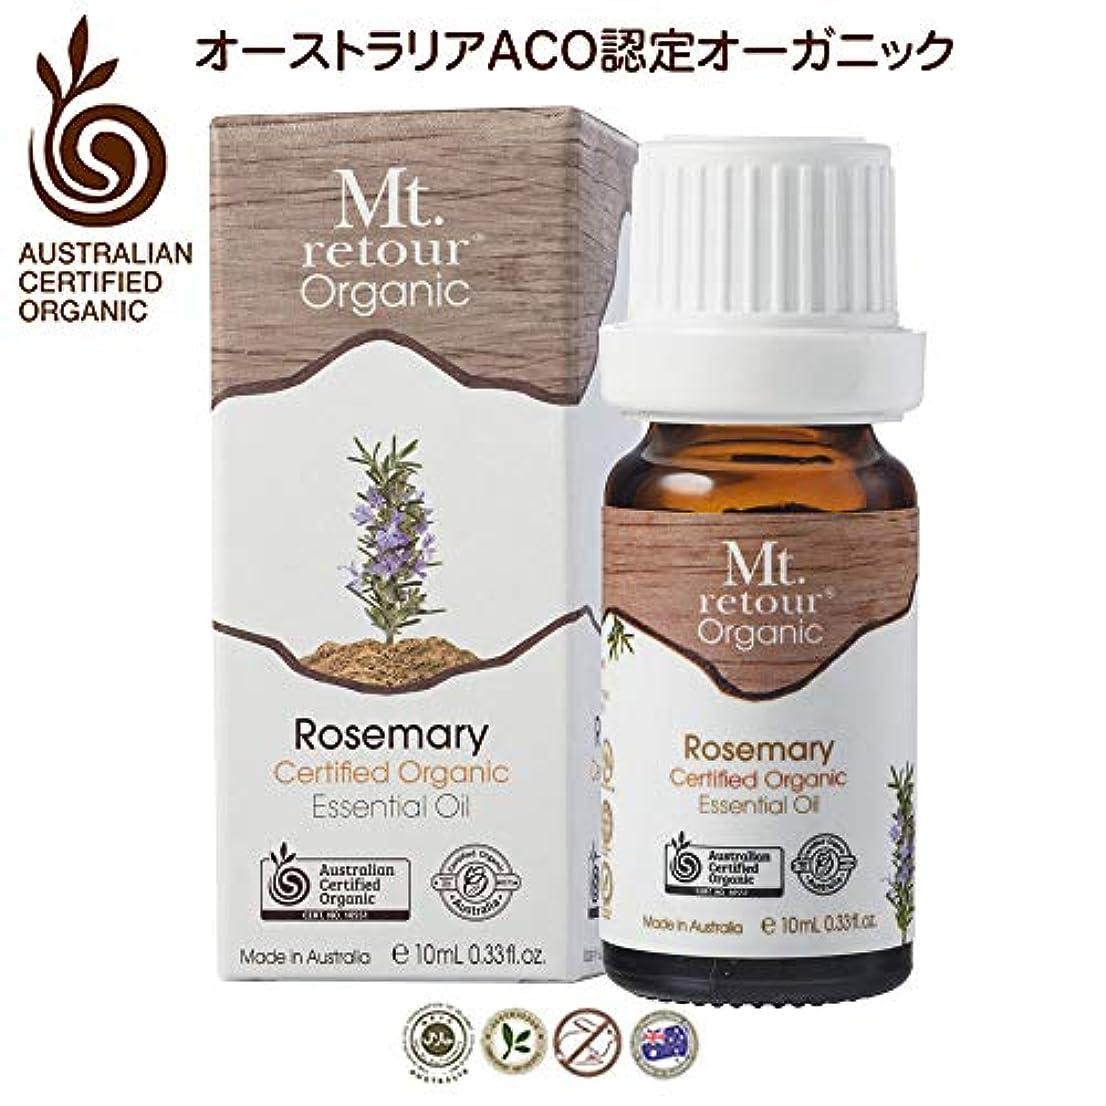 動物園つまらない媒染剤Mt. retour ACO認定オーガニック ローズマリー 10ml エッセンシャルオイル(無農薬有機)アロマ